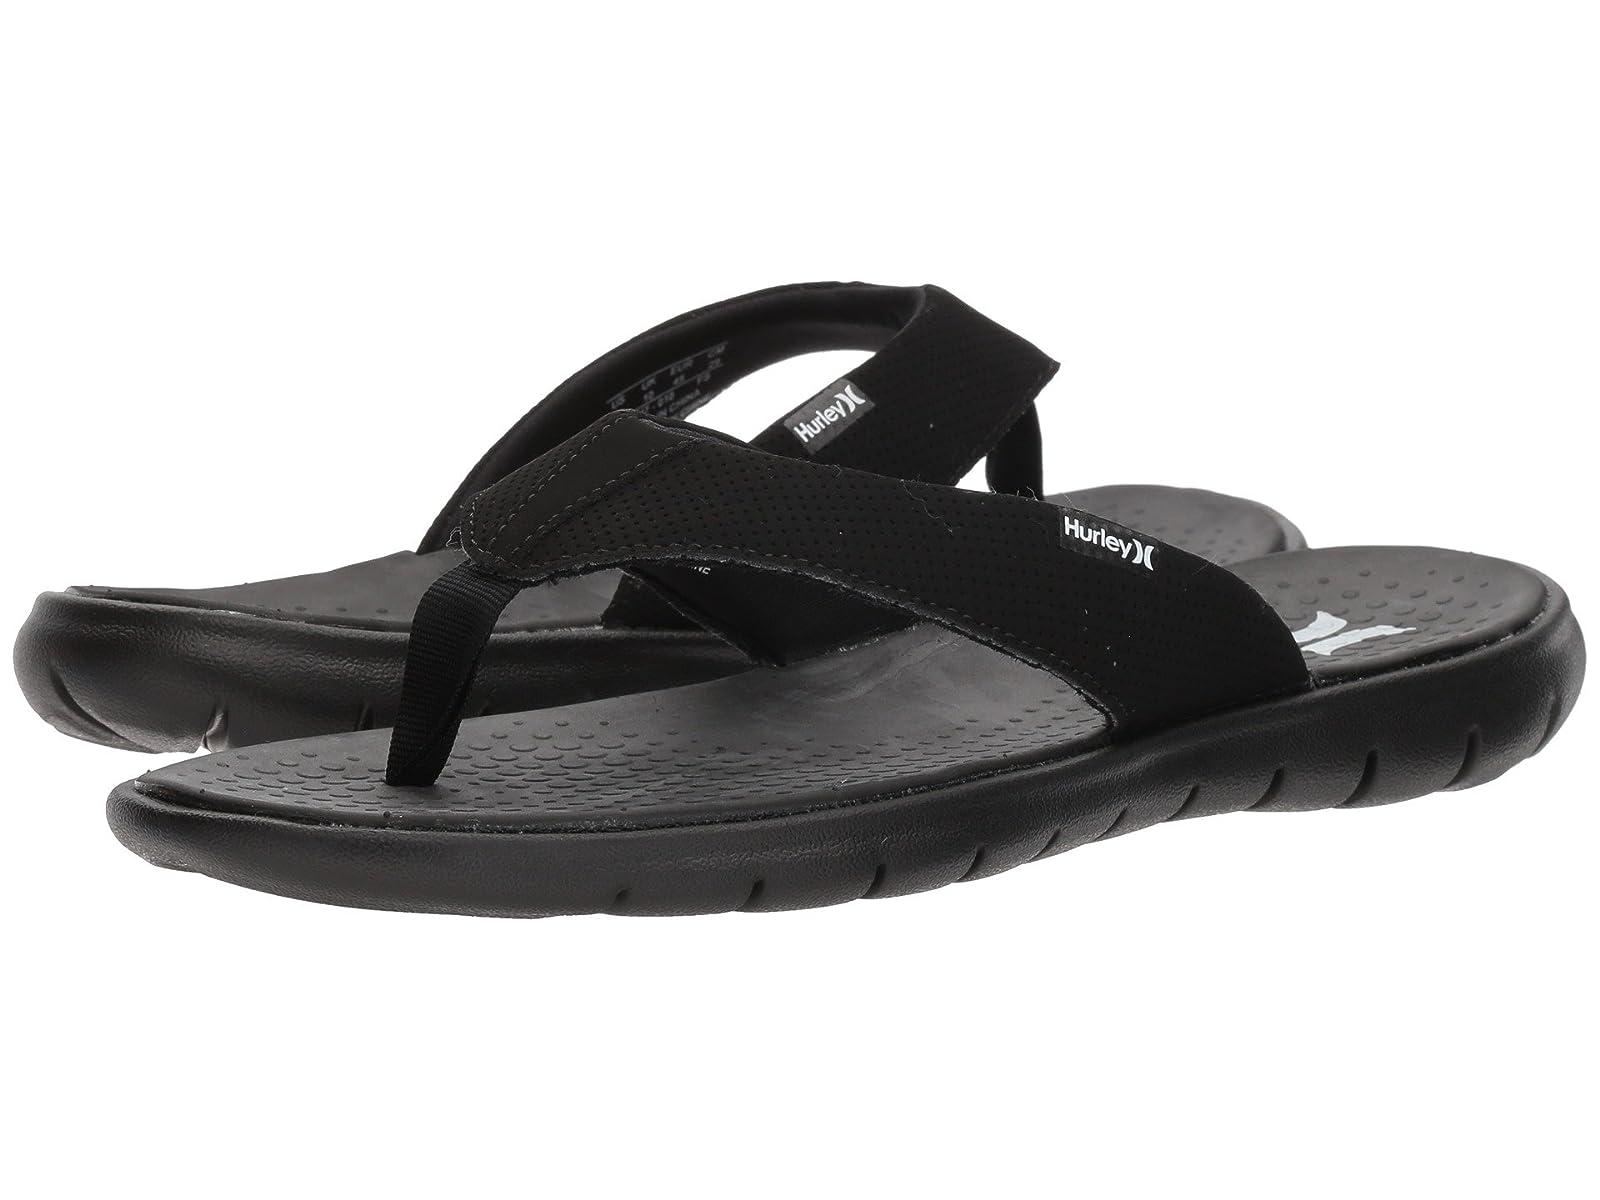 Hurley Flex 2.0 SandalAtmospheric grades have affordable shoes